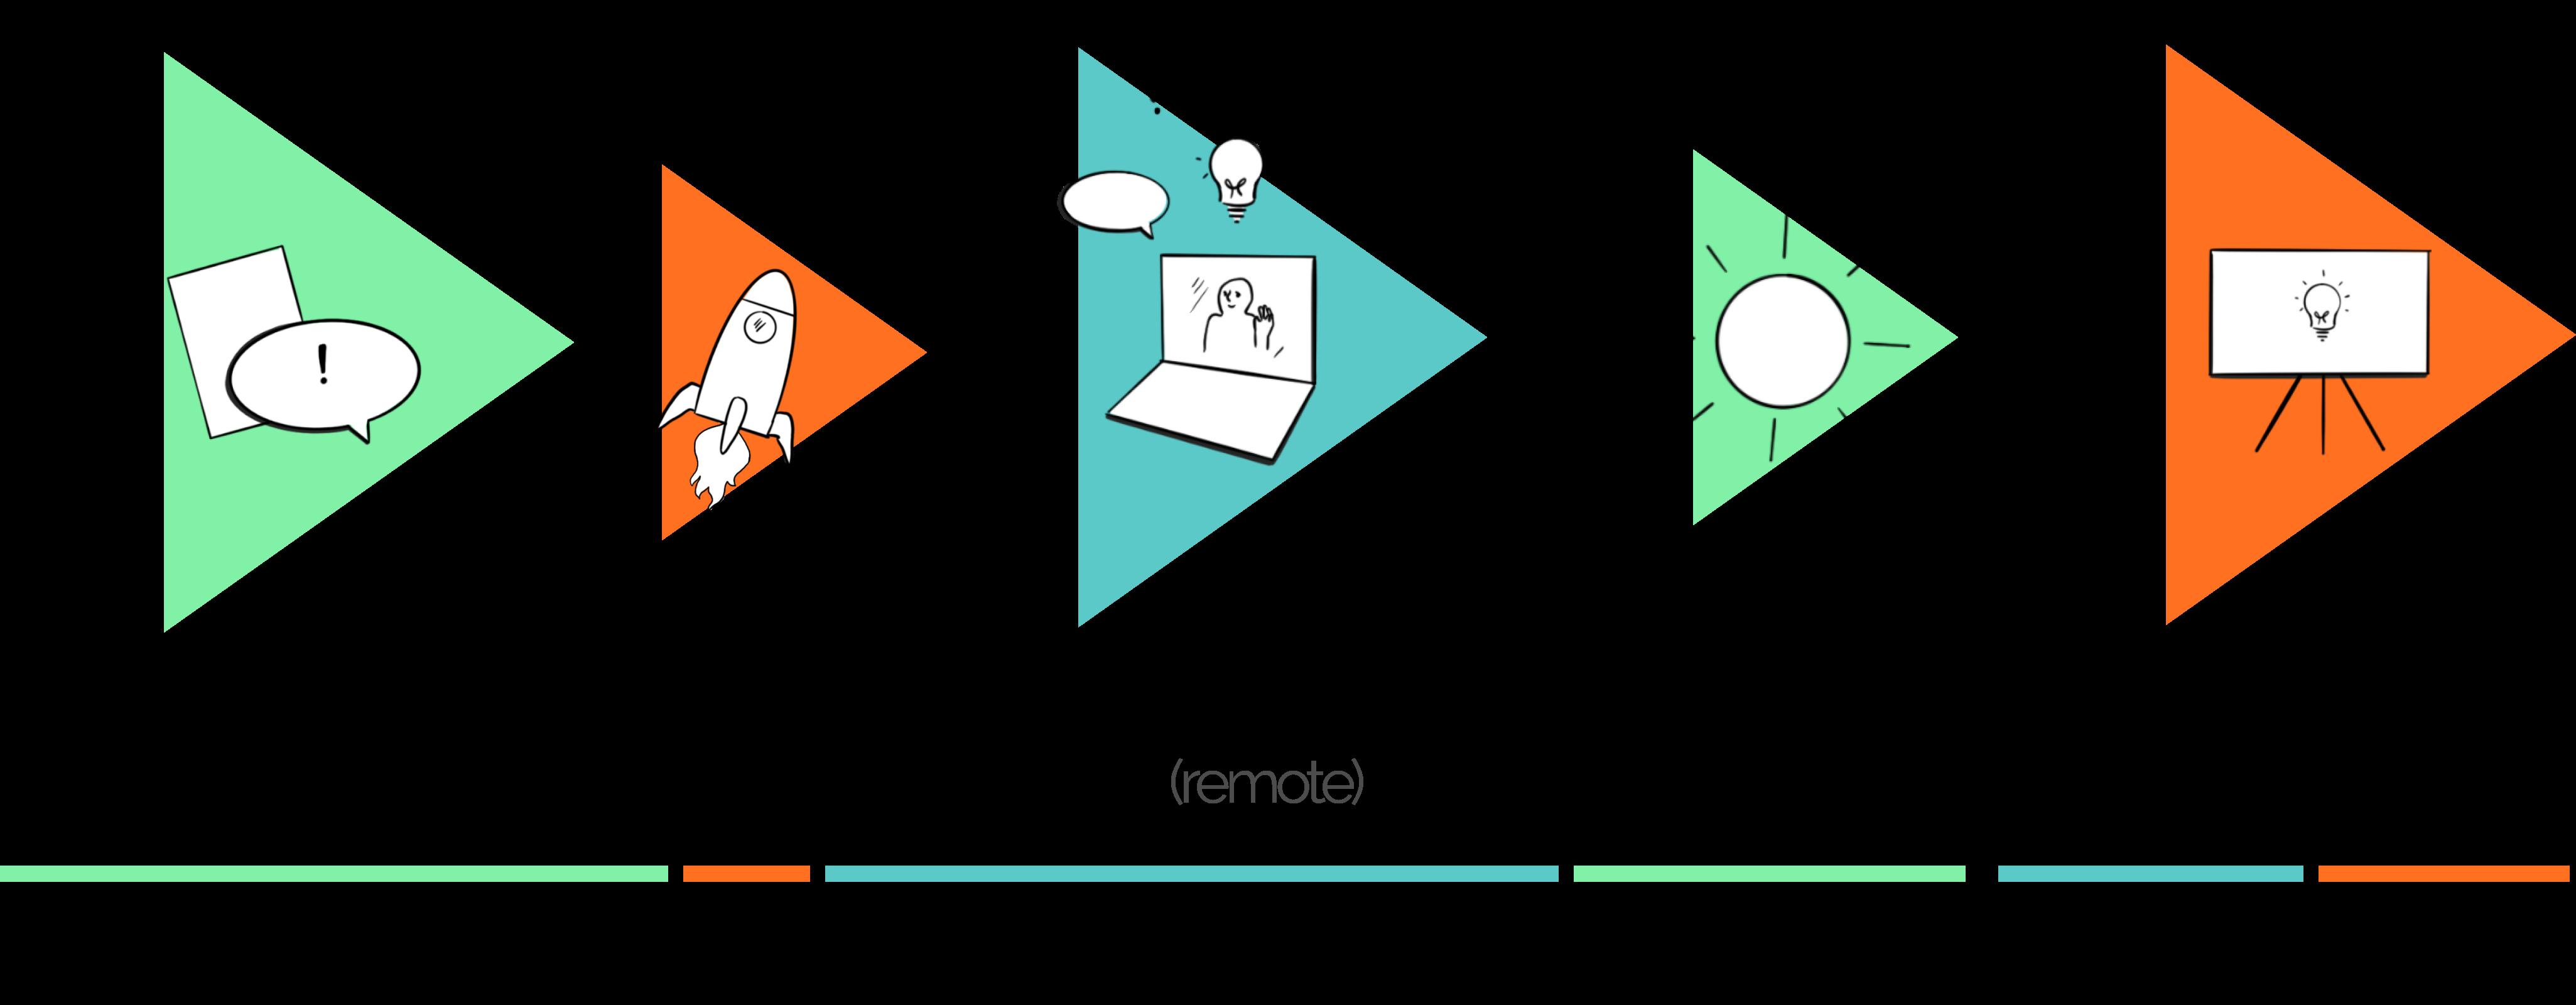 Illustrasjon av fasene i sommersprinten for student